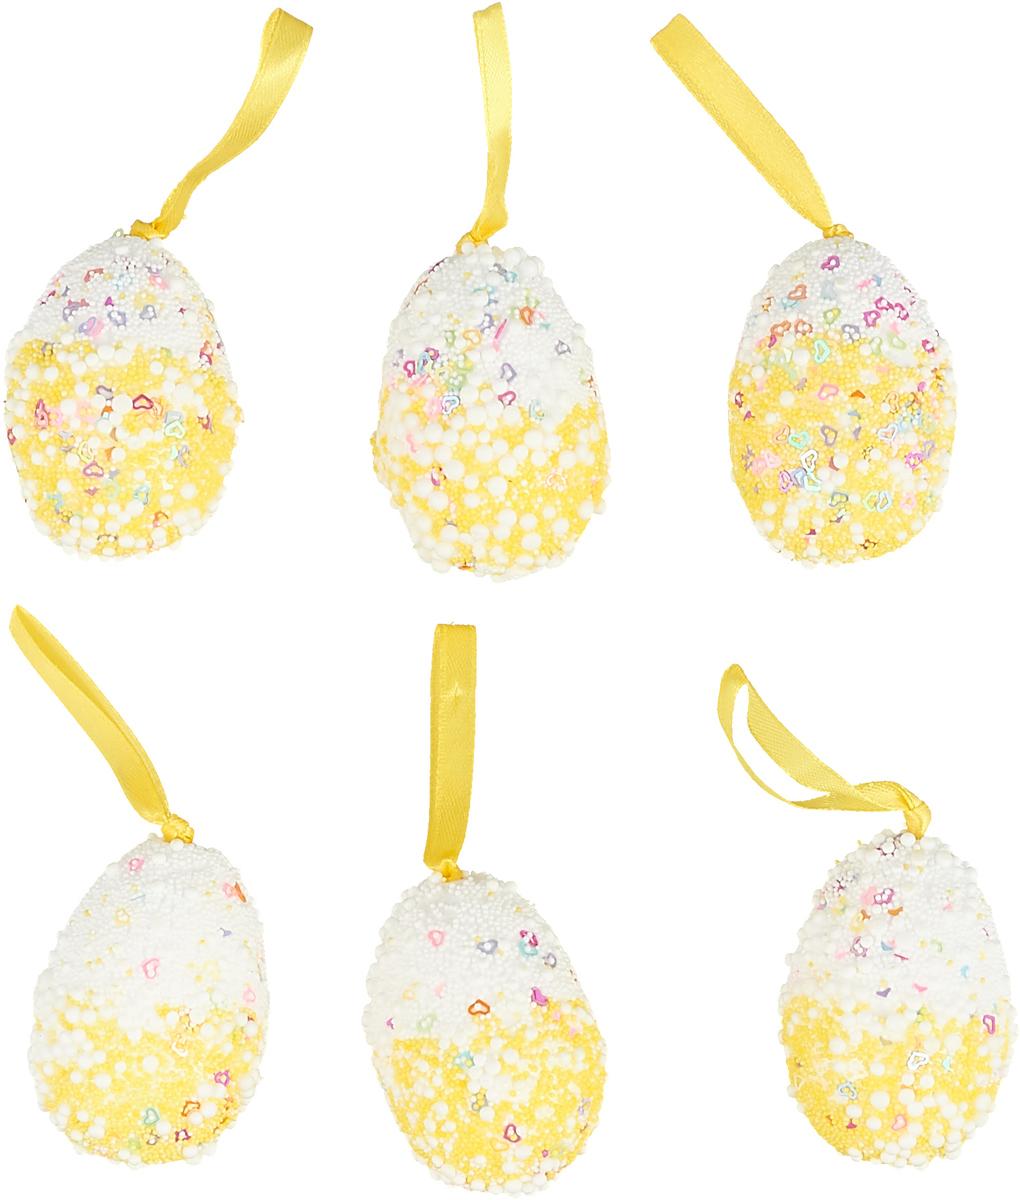 Набор пасхальных подвесных украшений Sima-land Яйцо. Посыпка, цвет: желтый, 4 х 4 х 6 см, 6 шт картина объемная sima land детишки на лавочке 30 х 40 см